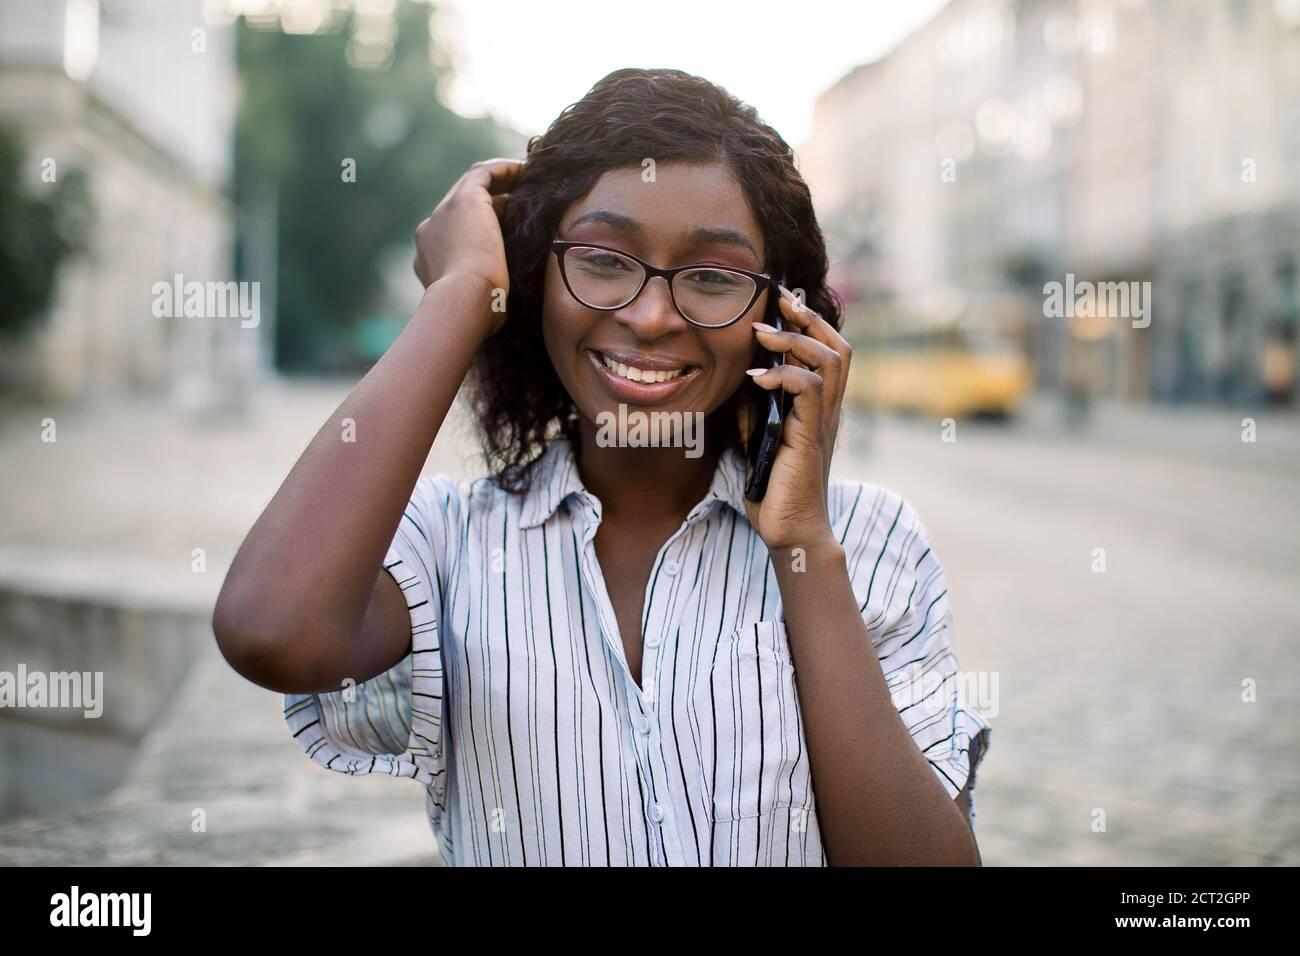 Gros plan portrait d'une femme africaine souriante en lunettes, marchant dans la vieille ville avec un téléphone portable, parlant avec son ami et souriant à l'appareil photo. Personnes Banque D'Images